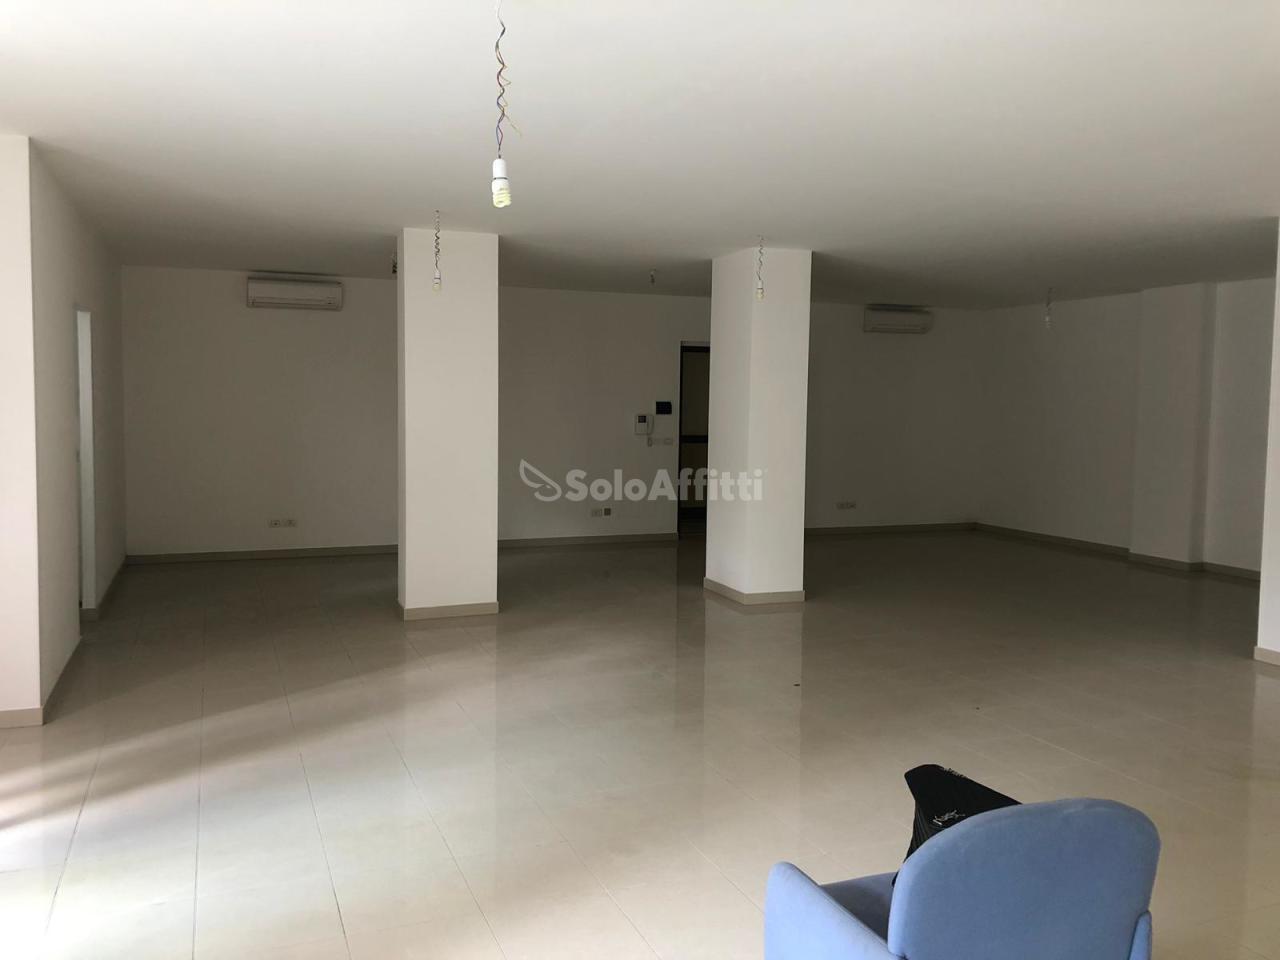 Ufficio - 1 locale a Stazione Centrale, Pescara Rif. 10445550